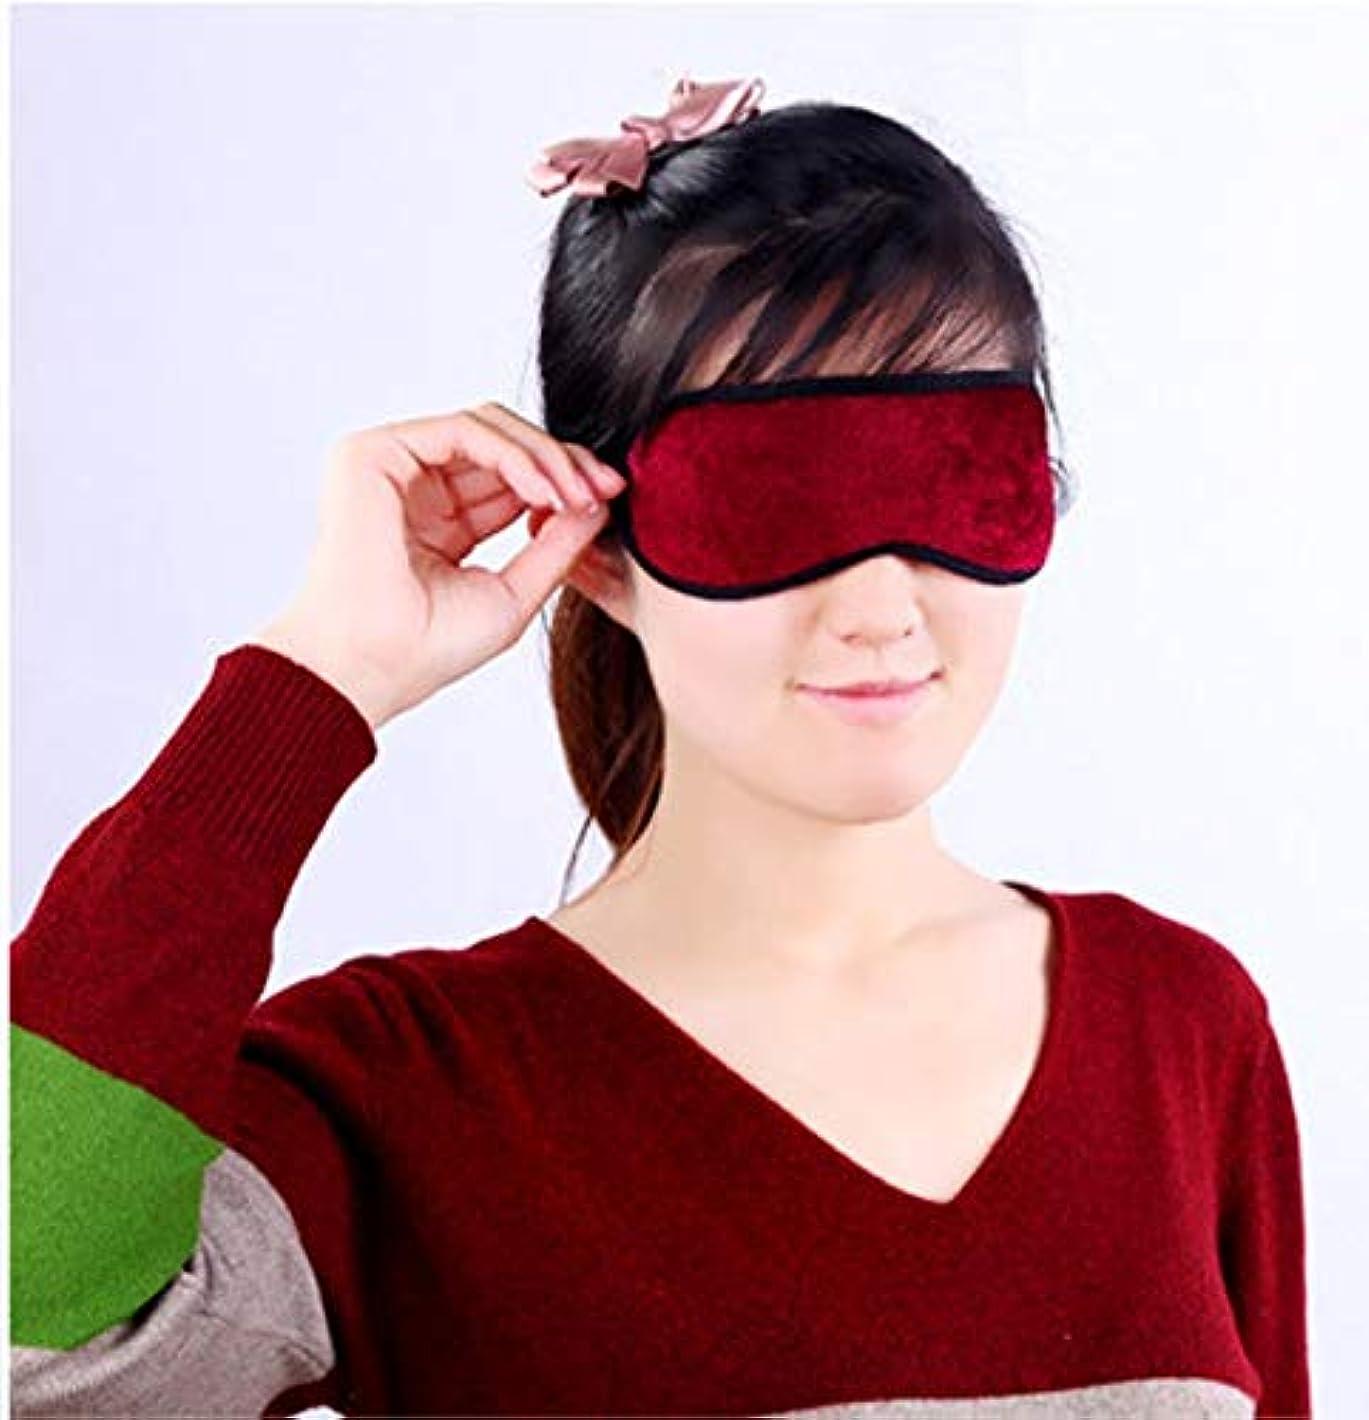 不安定アーサーコナンドイル金額注5ピース/ロットトルマリン磁気フィットネス睡眠アイマスクシェードカバーベルベット快適な目隠しアイケア送料無料